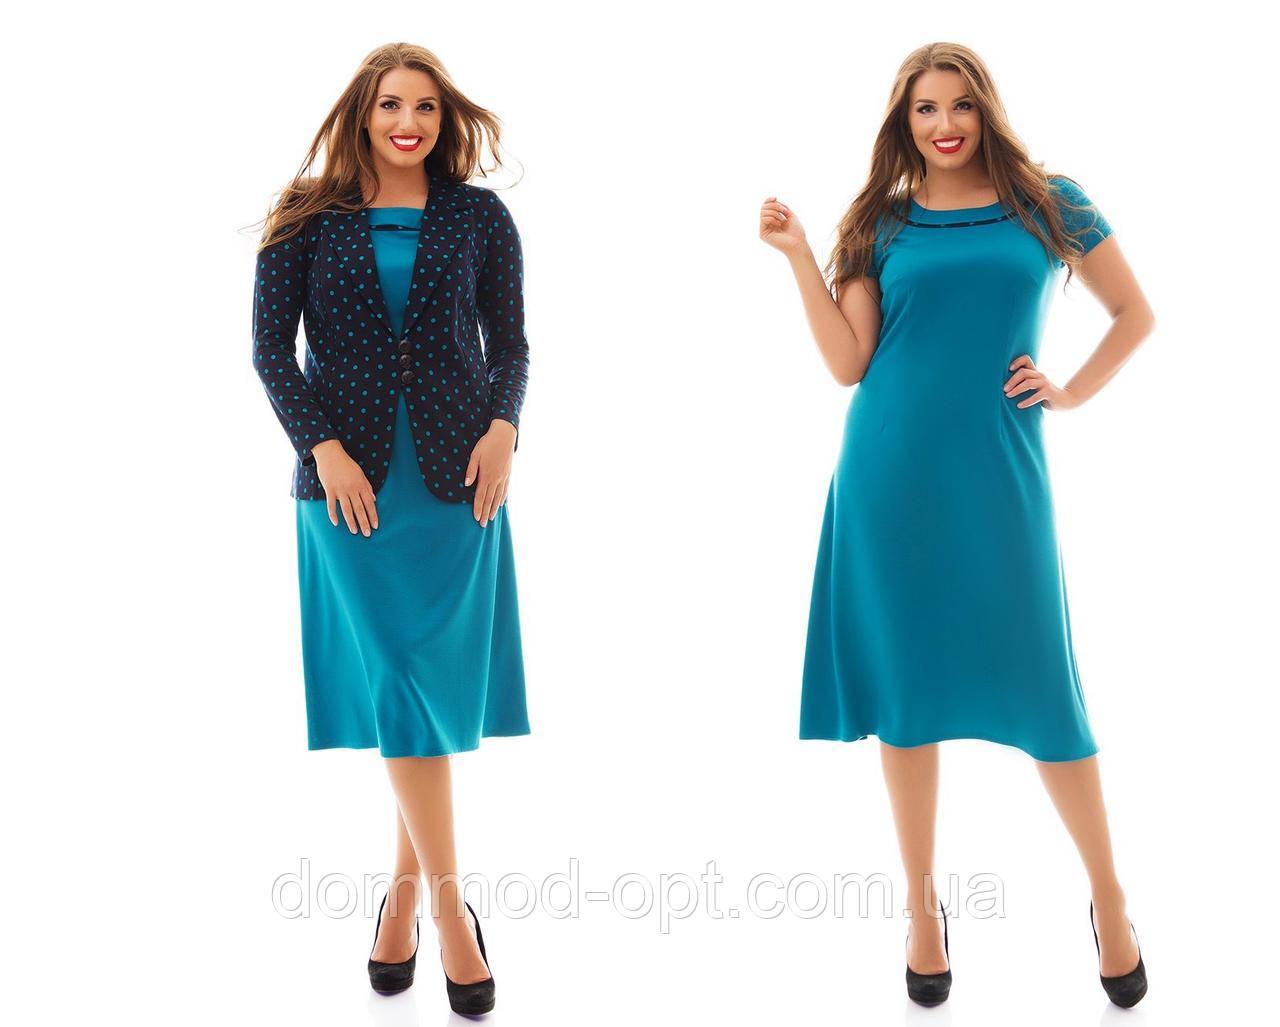 Женский модный костюм-двойка больших размеров (платье+пиджак) №948 (р. 48-62)